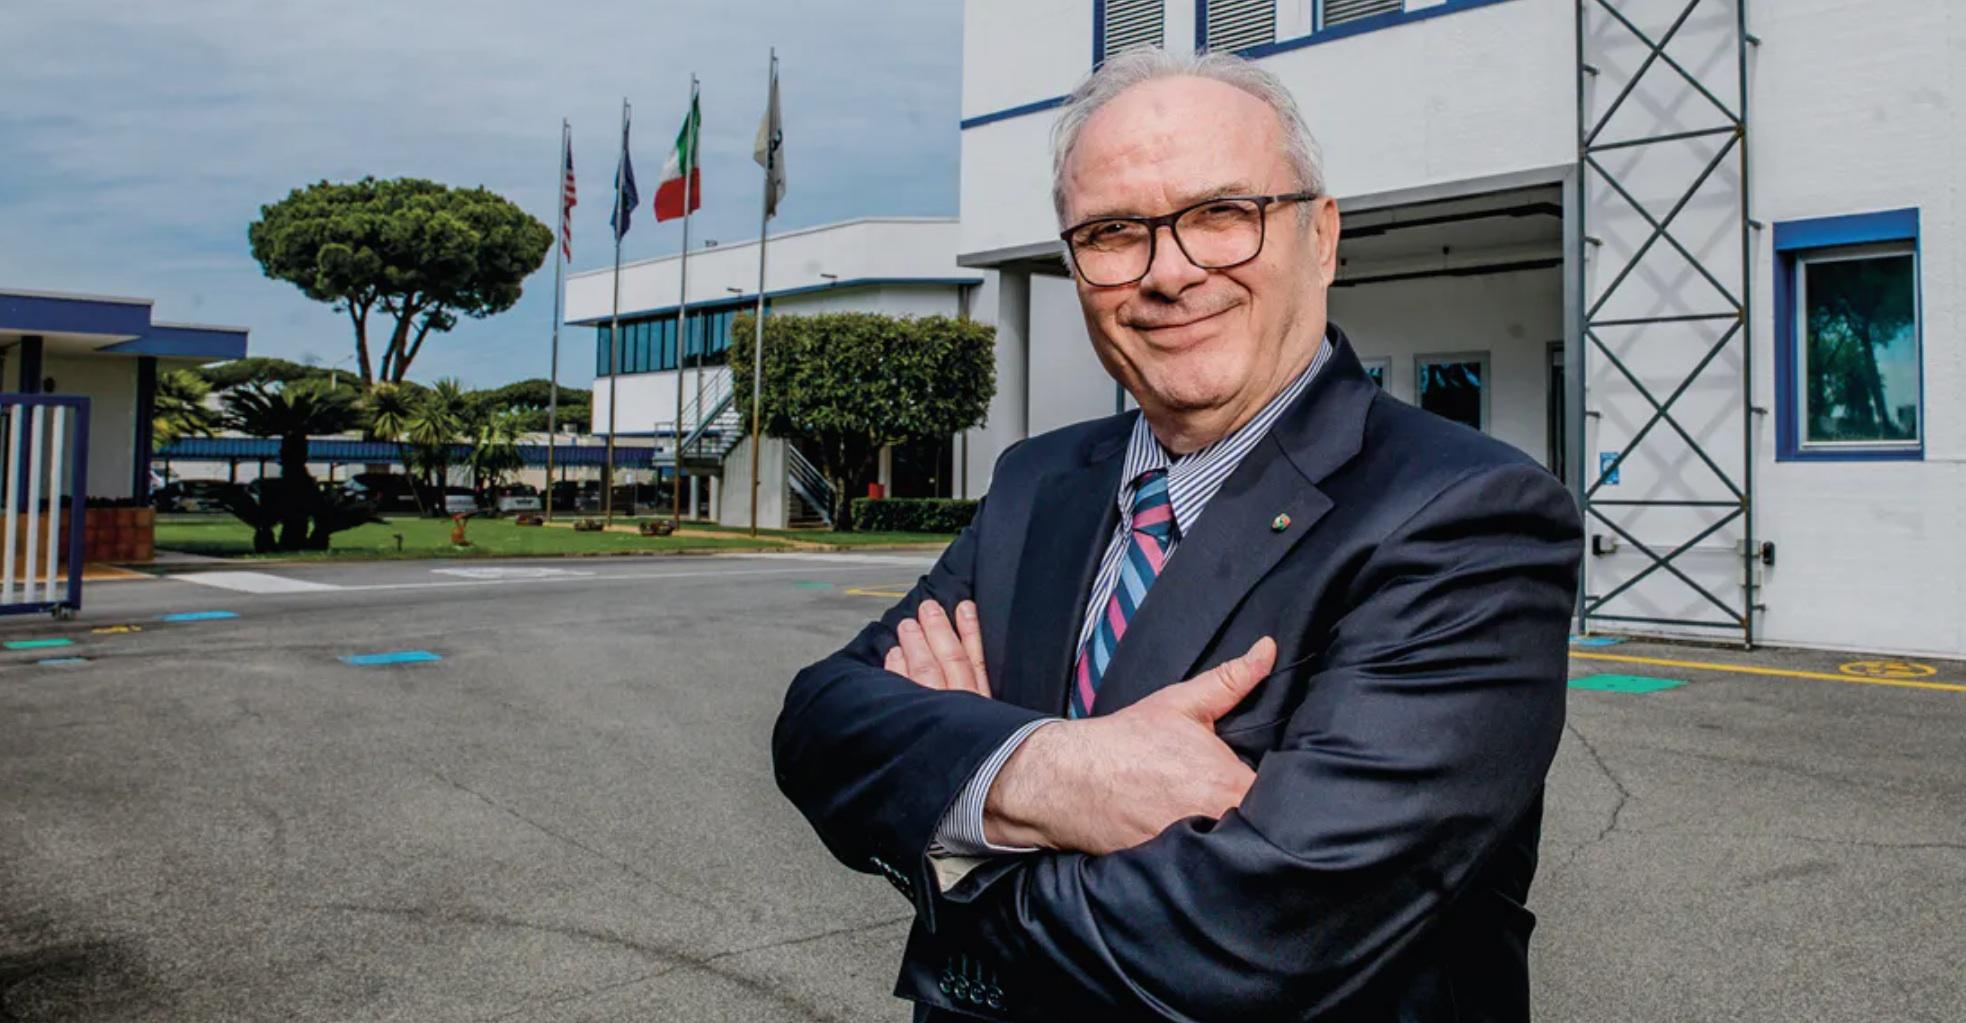 Aldo Braca, ad di Bsp a Latina